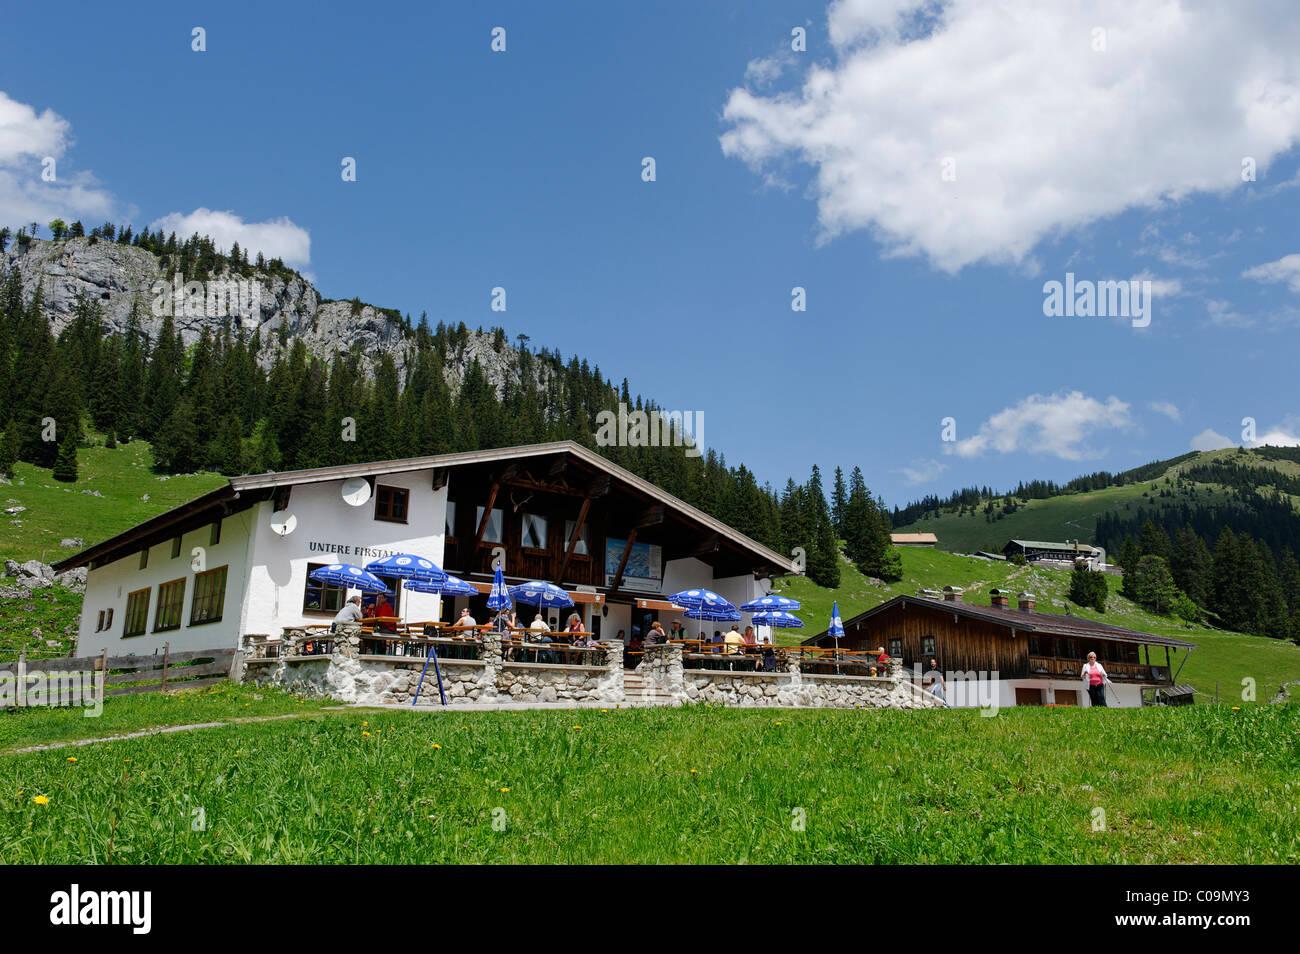 Untere Firstalm, Firstalmen mountain pastures below Mt. Bodenschneid, Mangfallgebirge range, Spitzing, Upper Bavaria Stock Photo